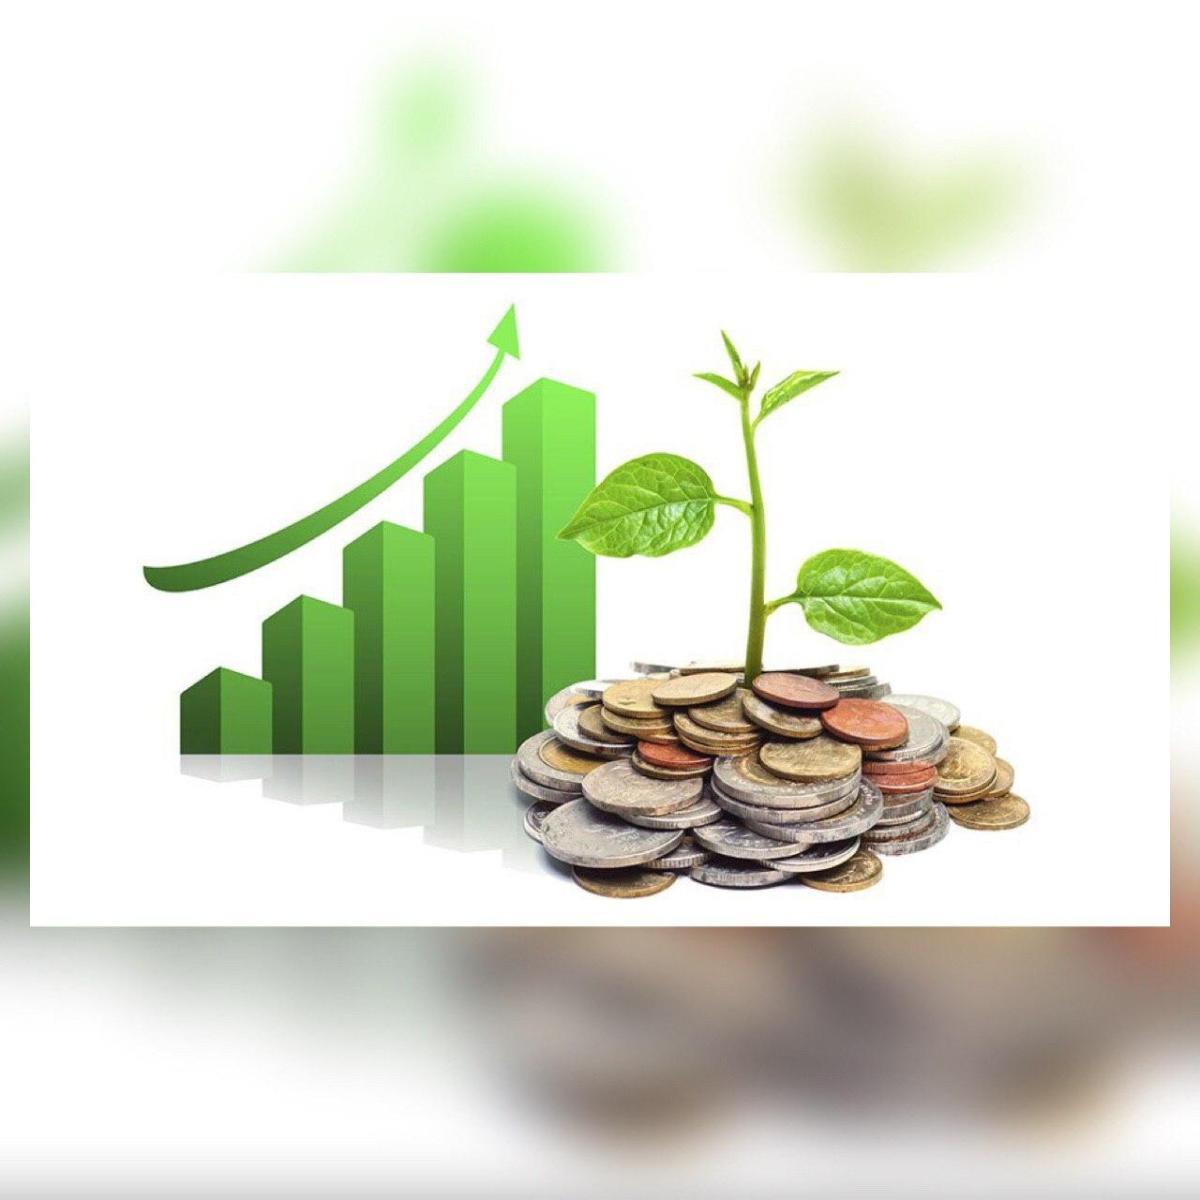 ثورة السندات الخضراء … عقدُ من النمو المتواصل